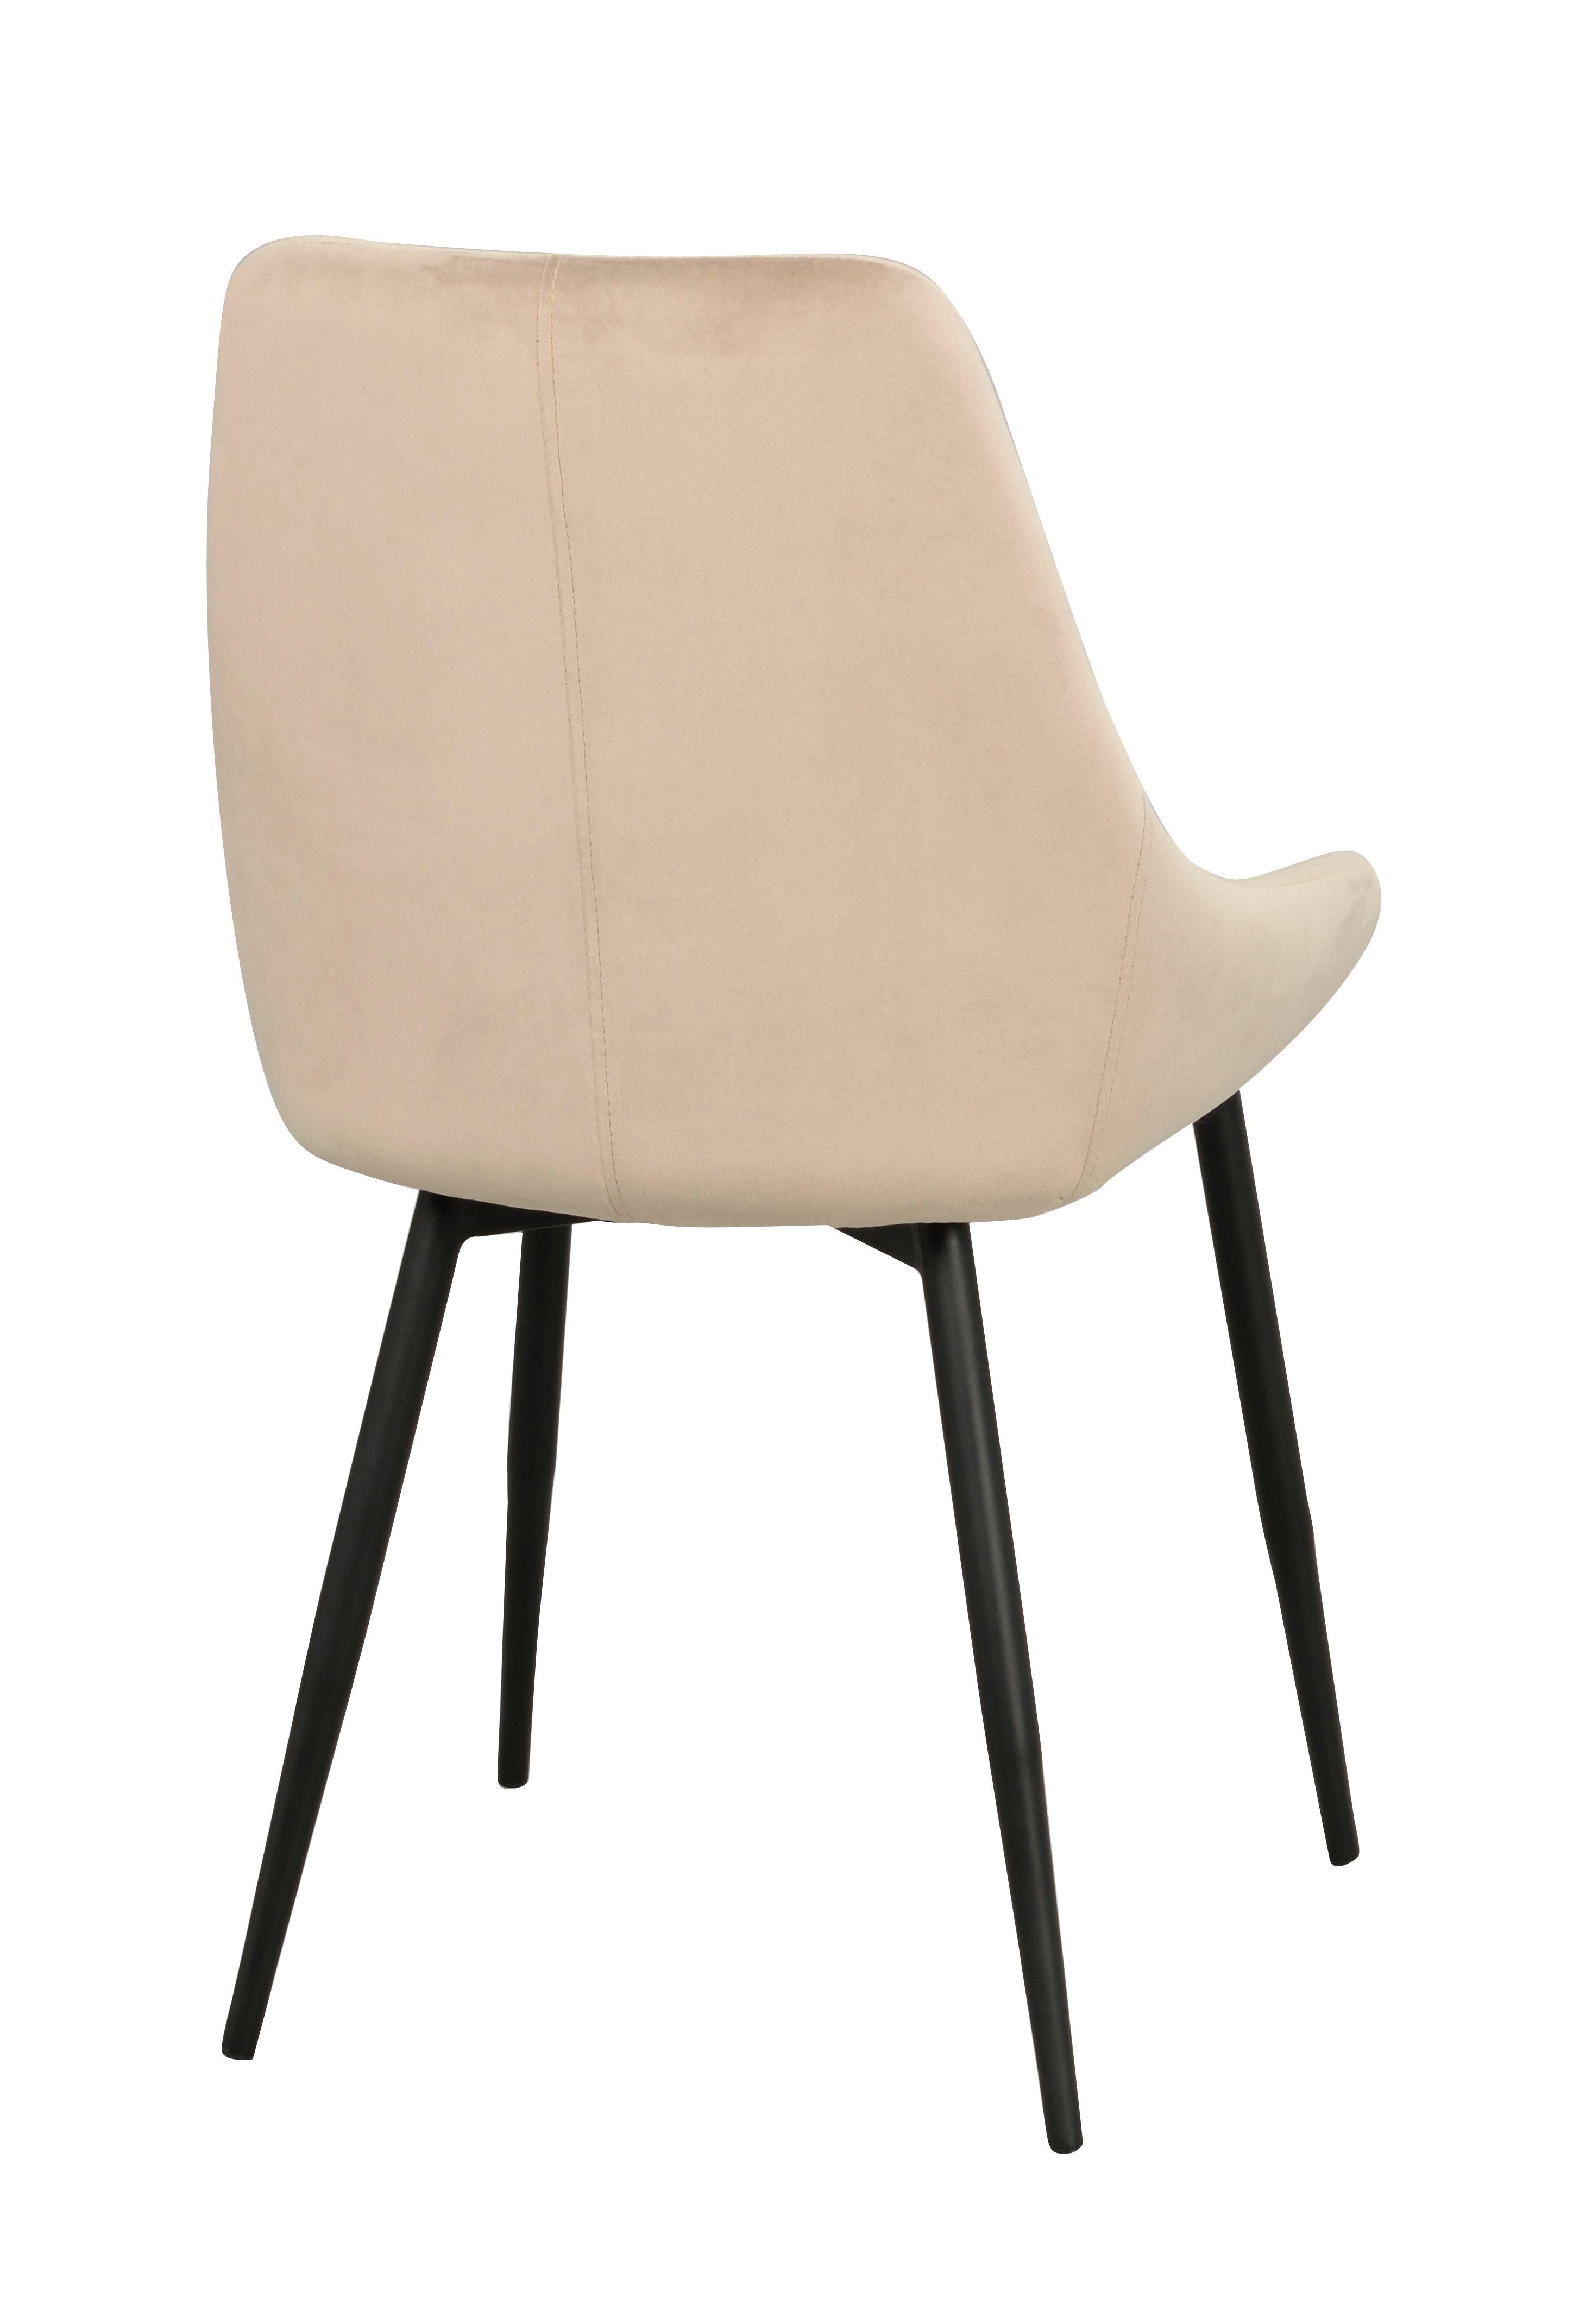 DAWSONE Sierra Cream Chair